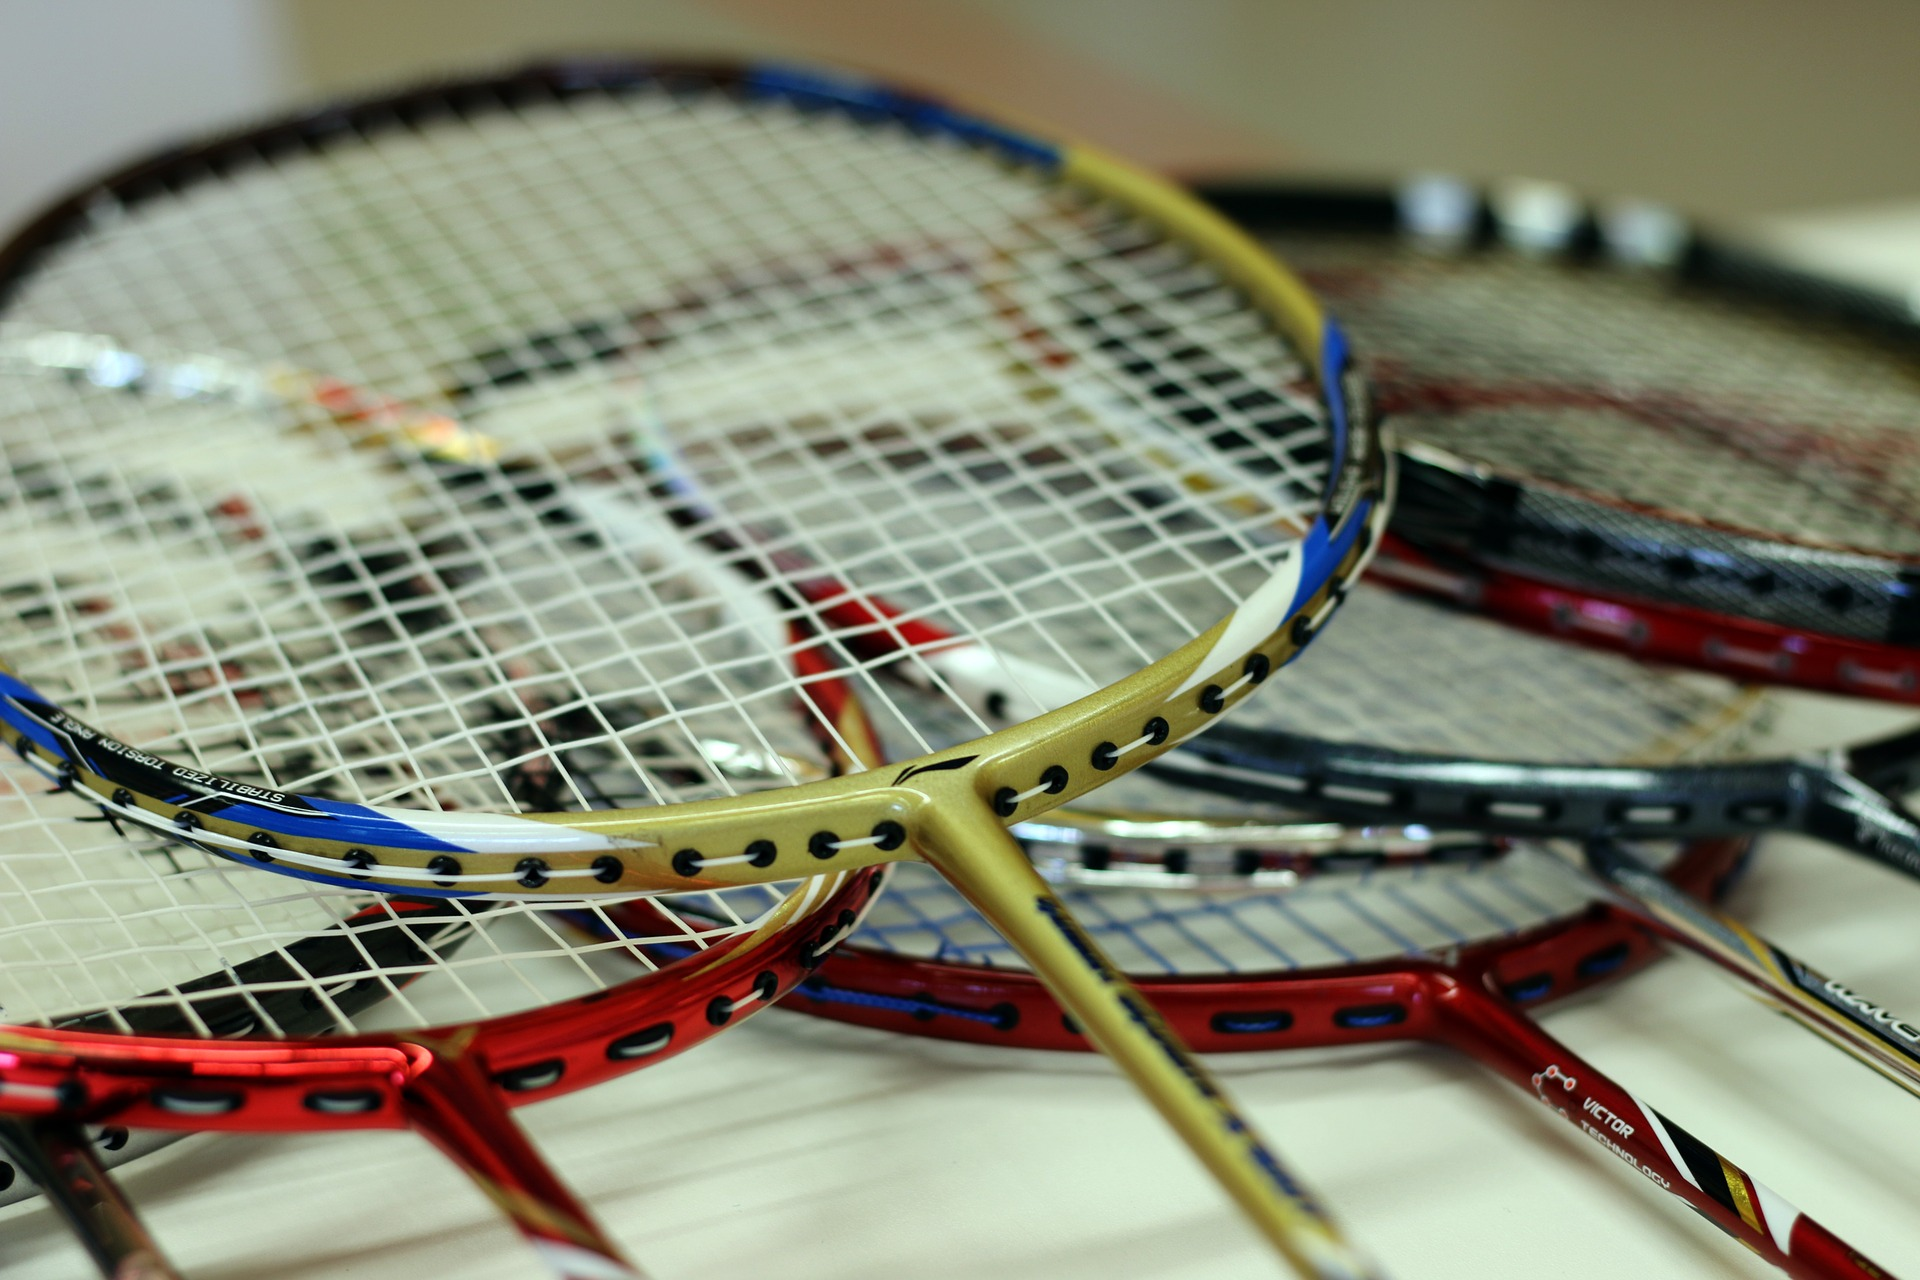 Buy badminton equipment